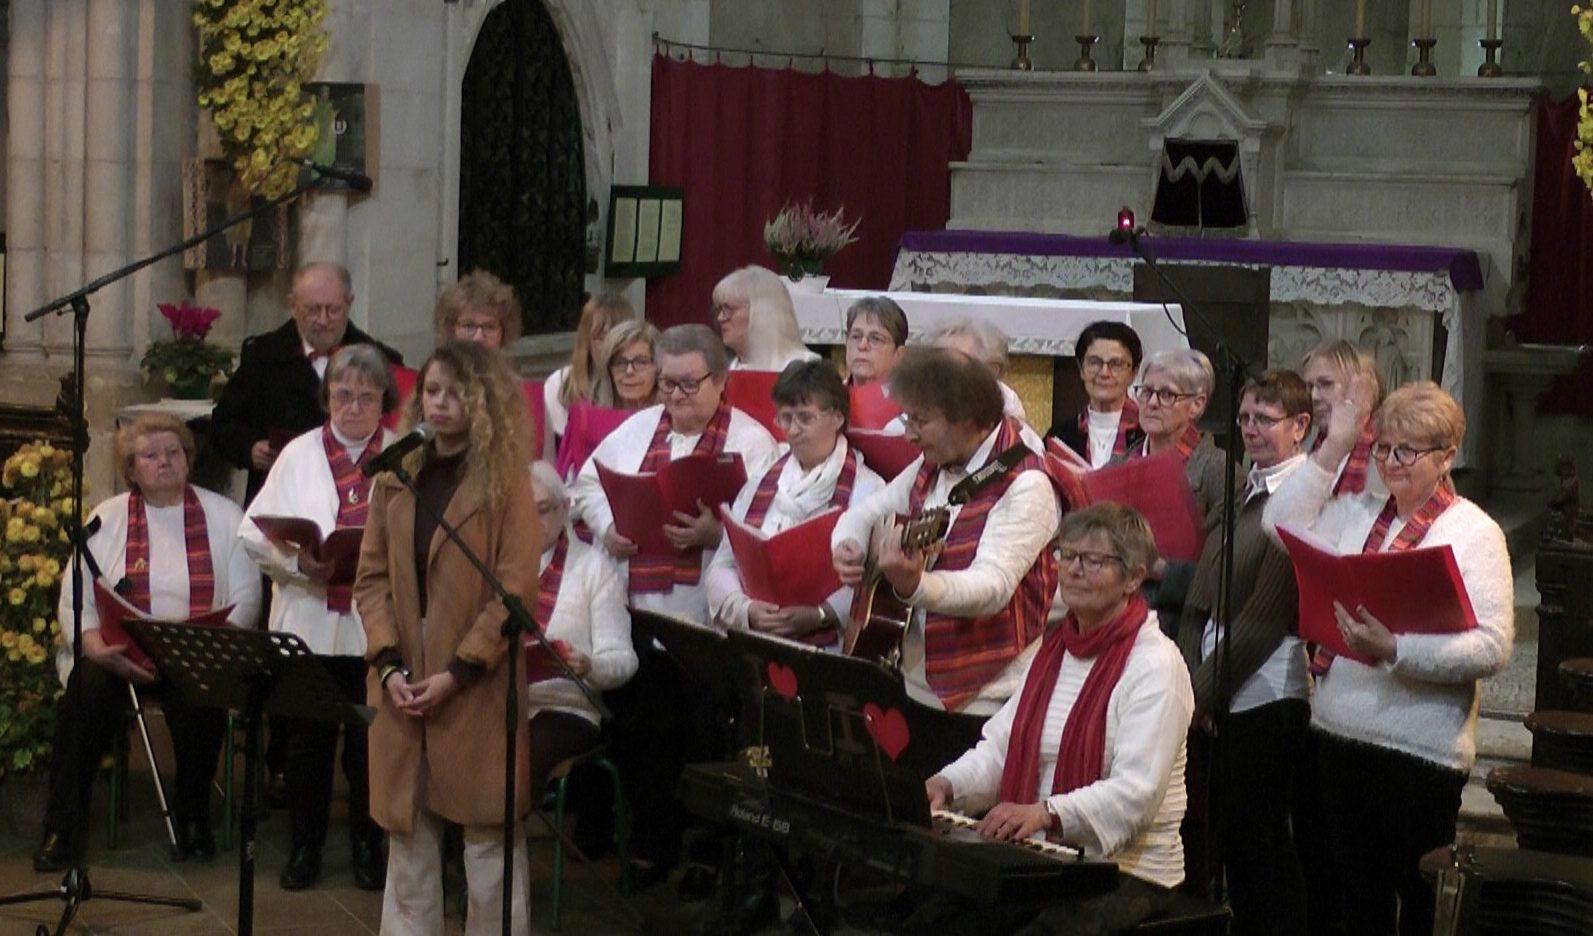 concert-marche-de-noel-a-la-collegiale-de-levroux-13-decembre-20